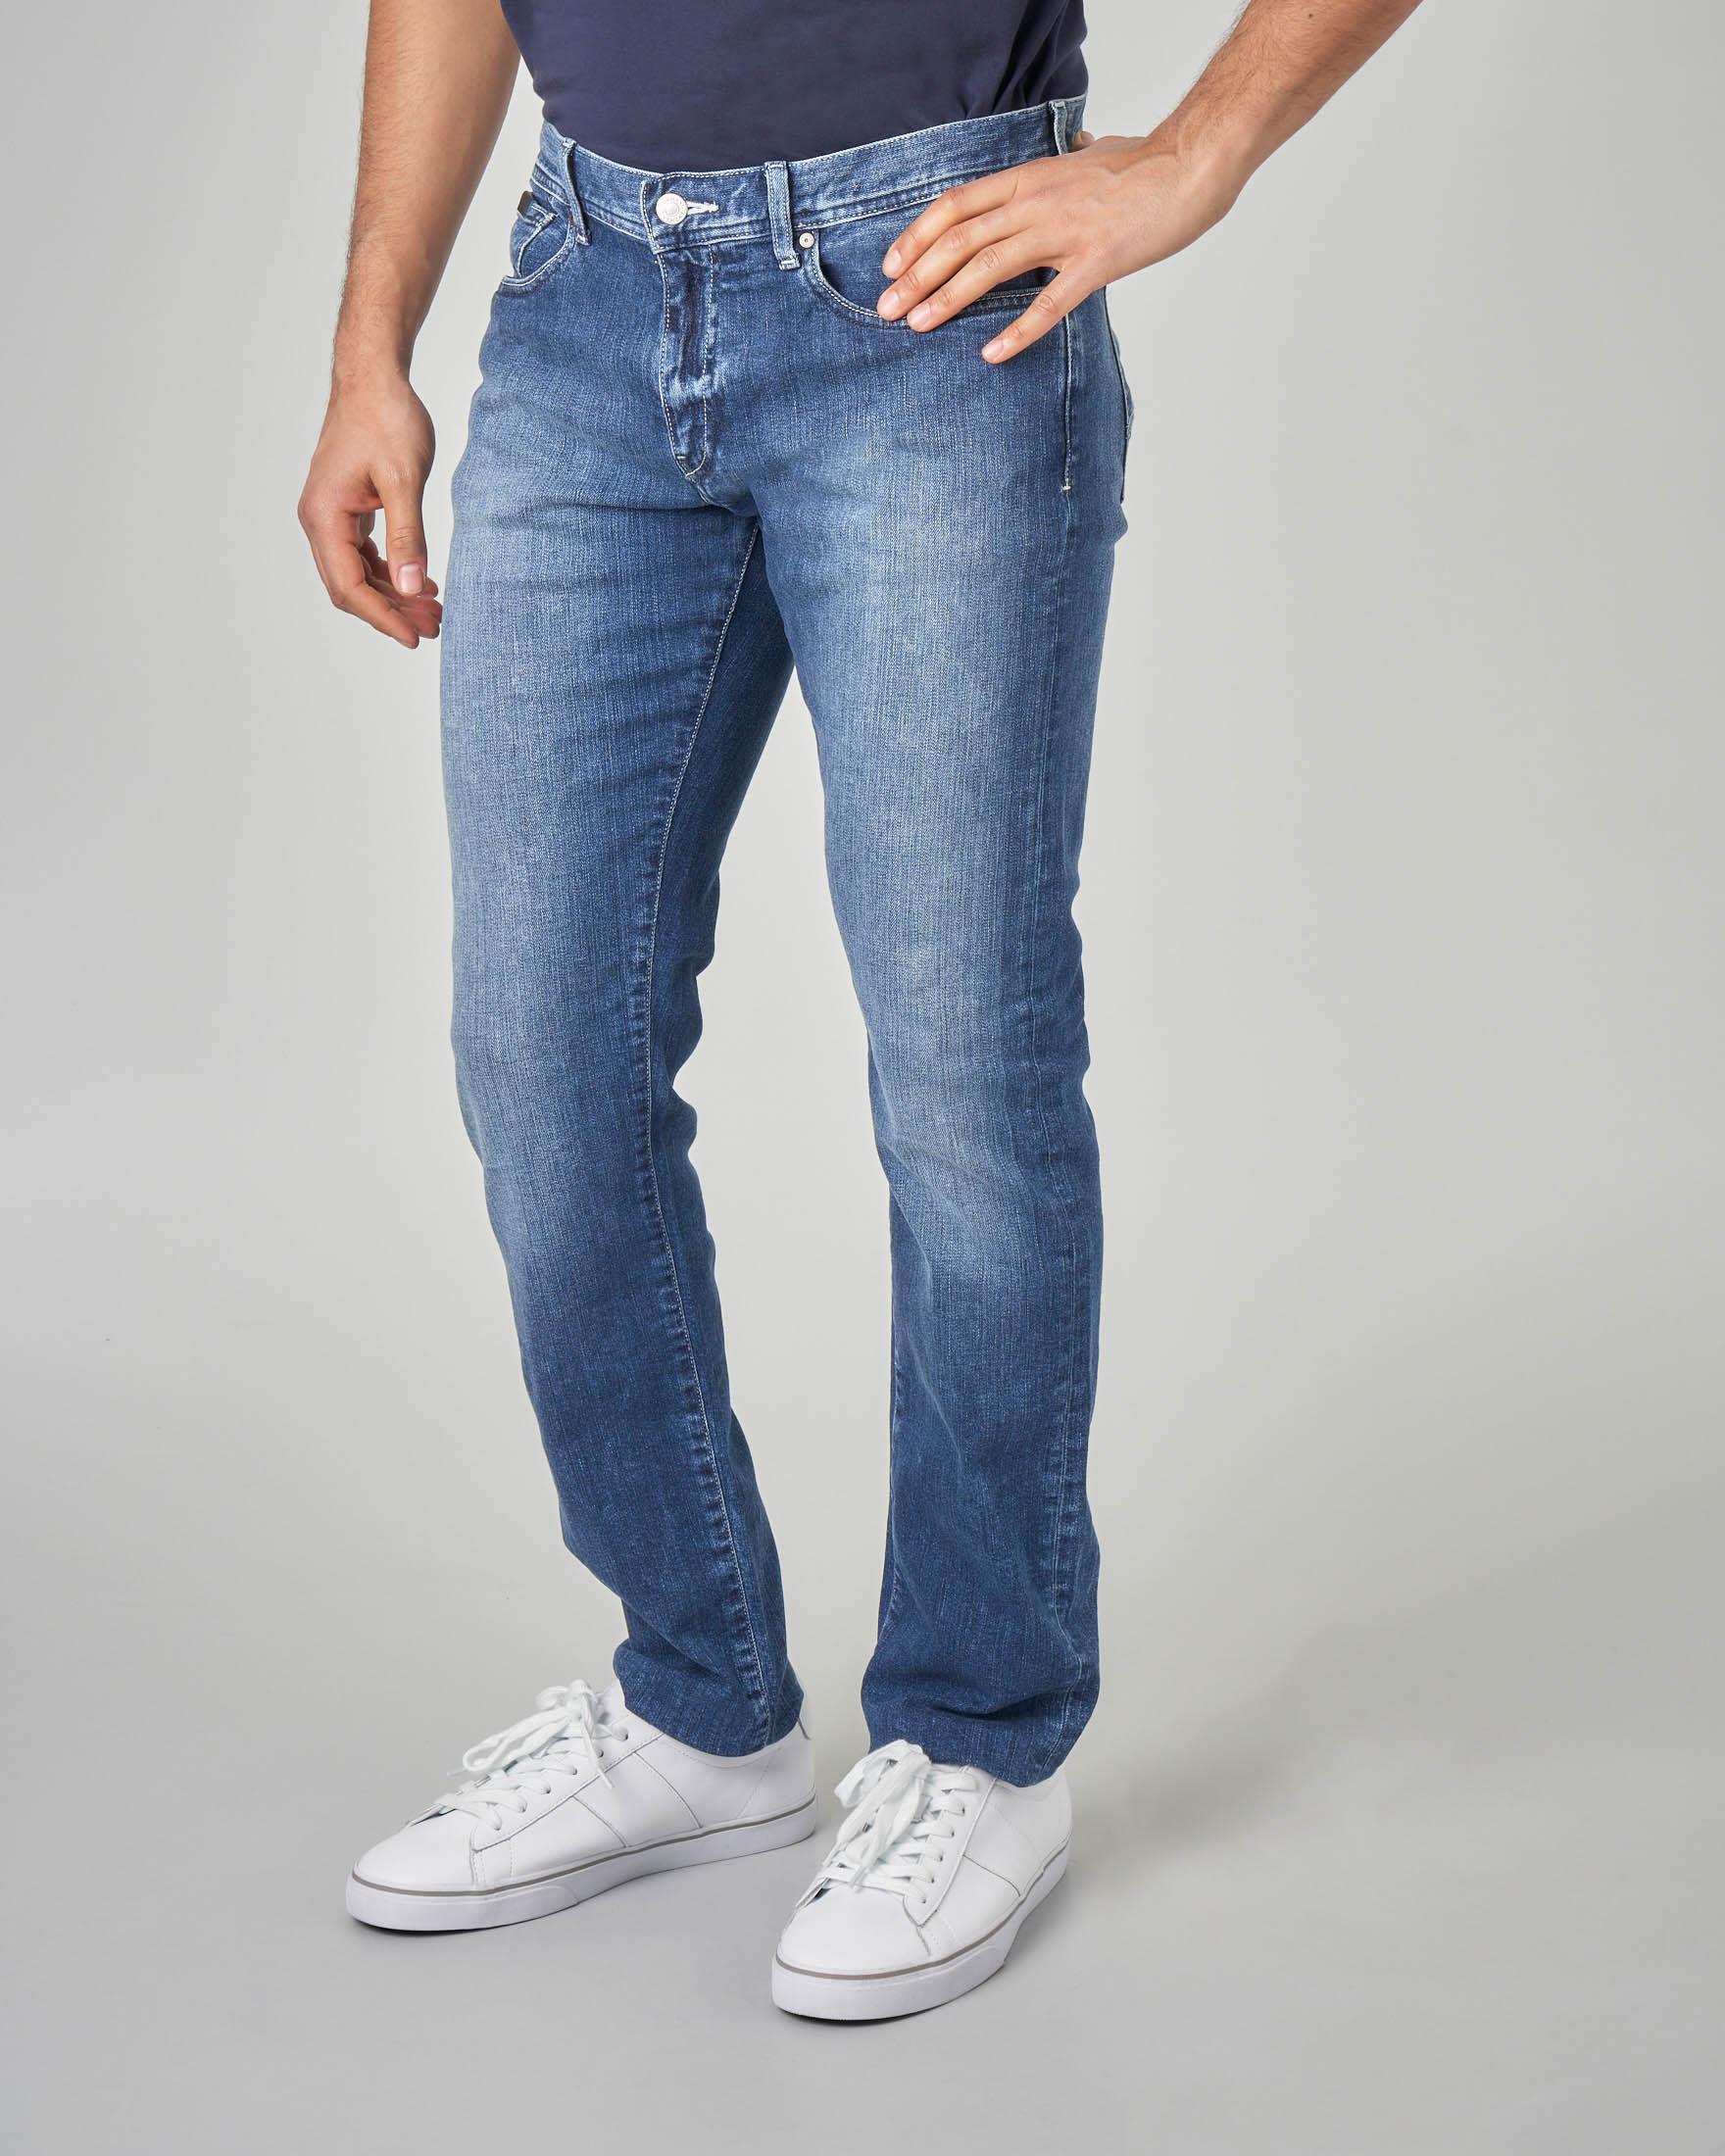 Jeans j13 lavaggio stone wash